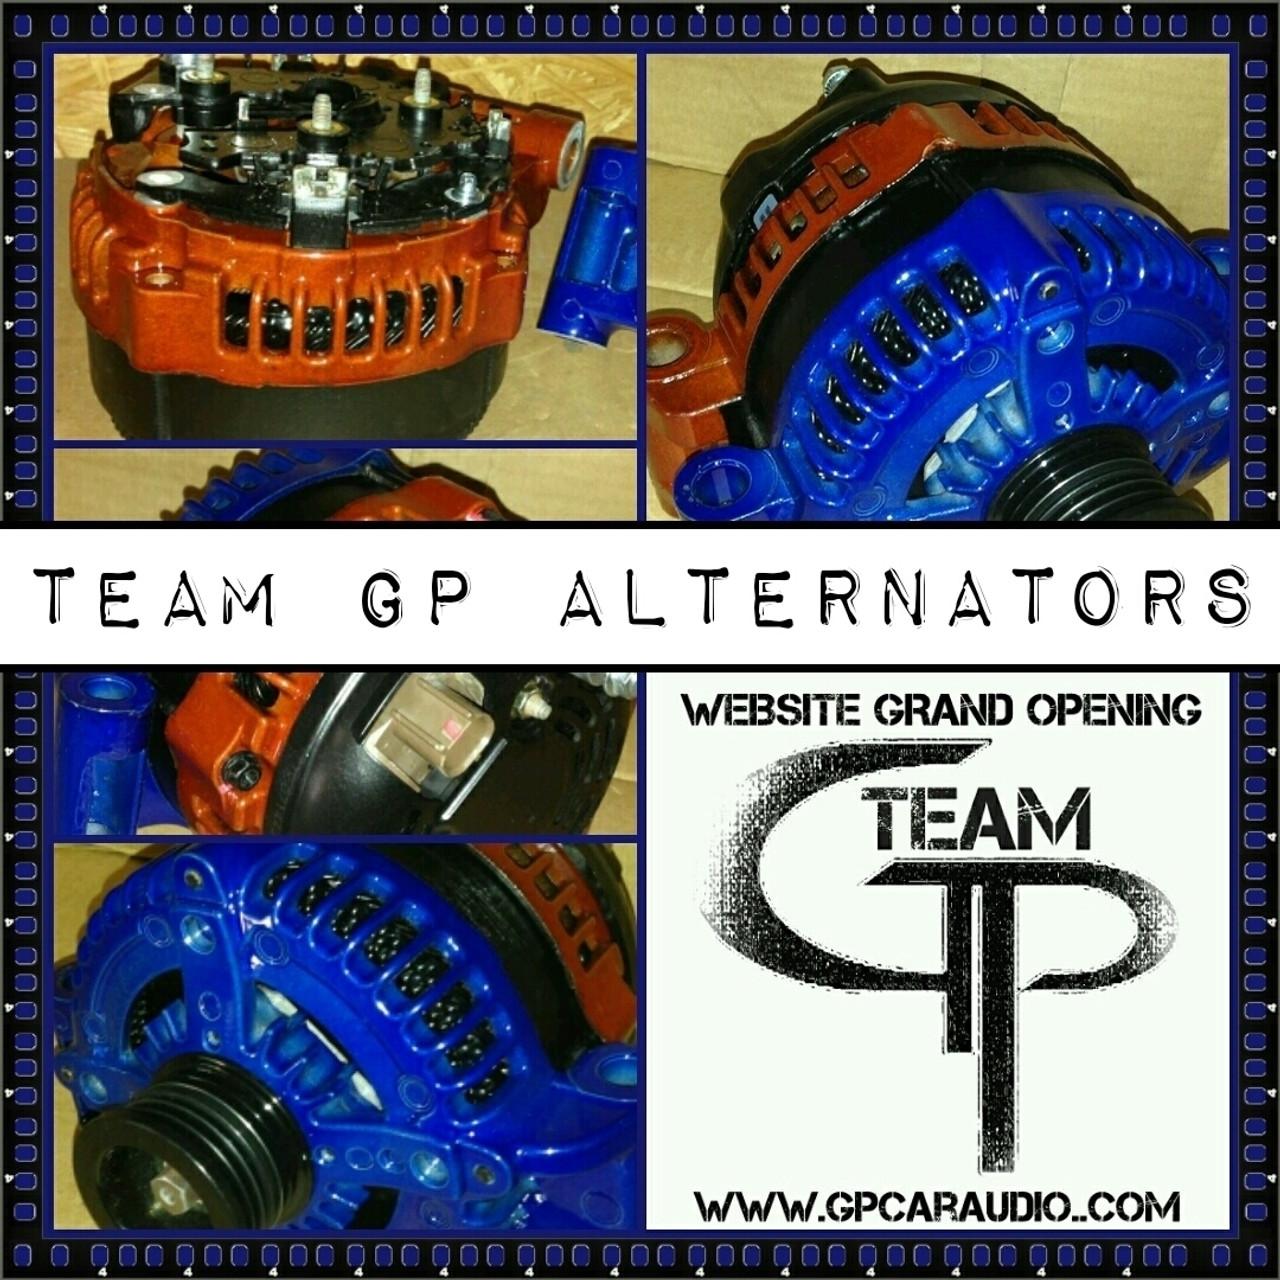 NISSAN ALTIMA 3.5L -2013-2014- 250 AMP TEAM GP ALTERNATOR